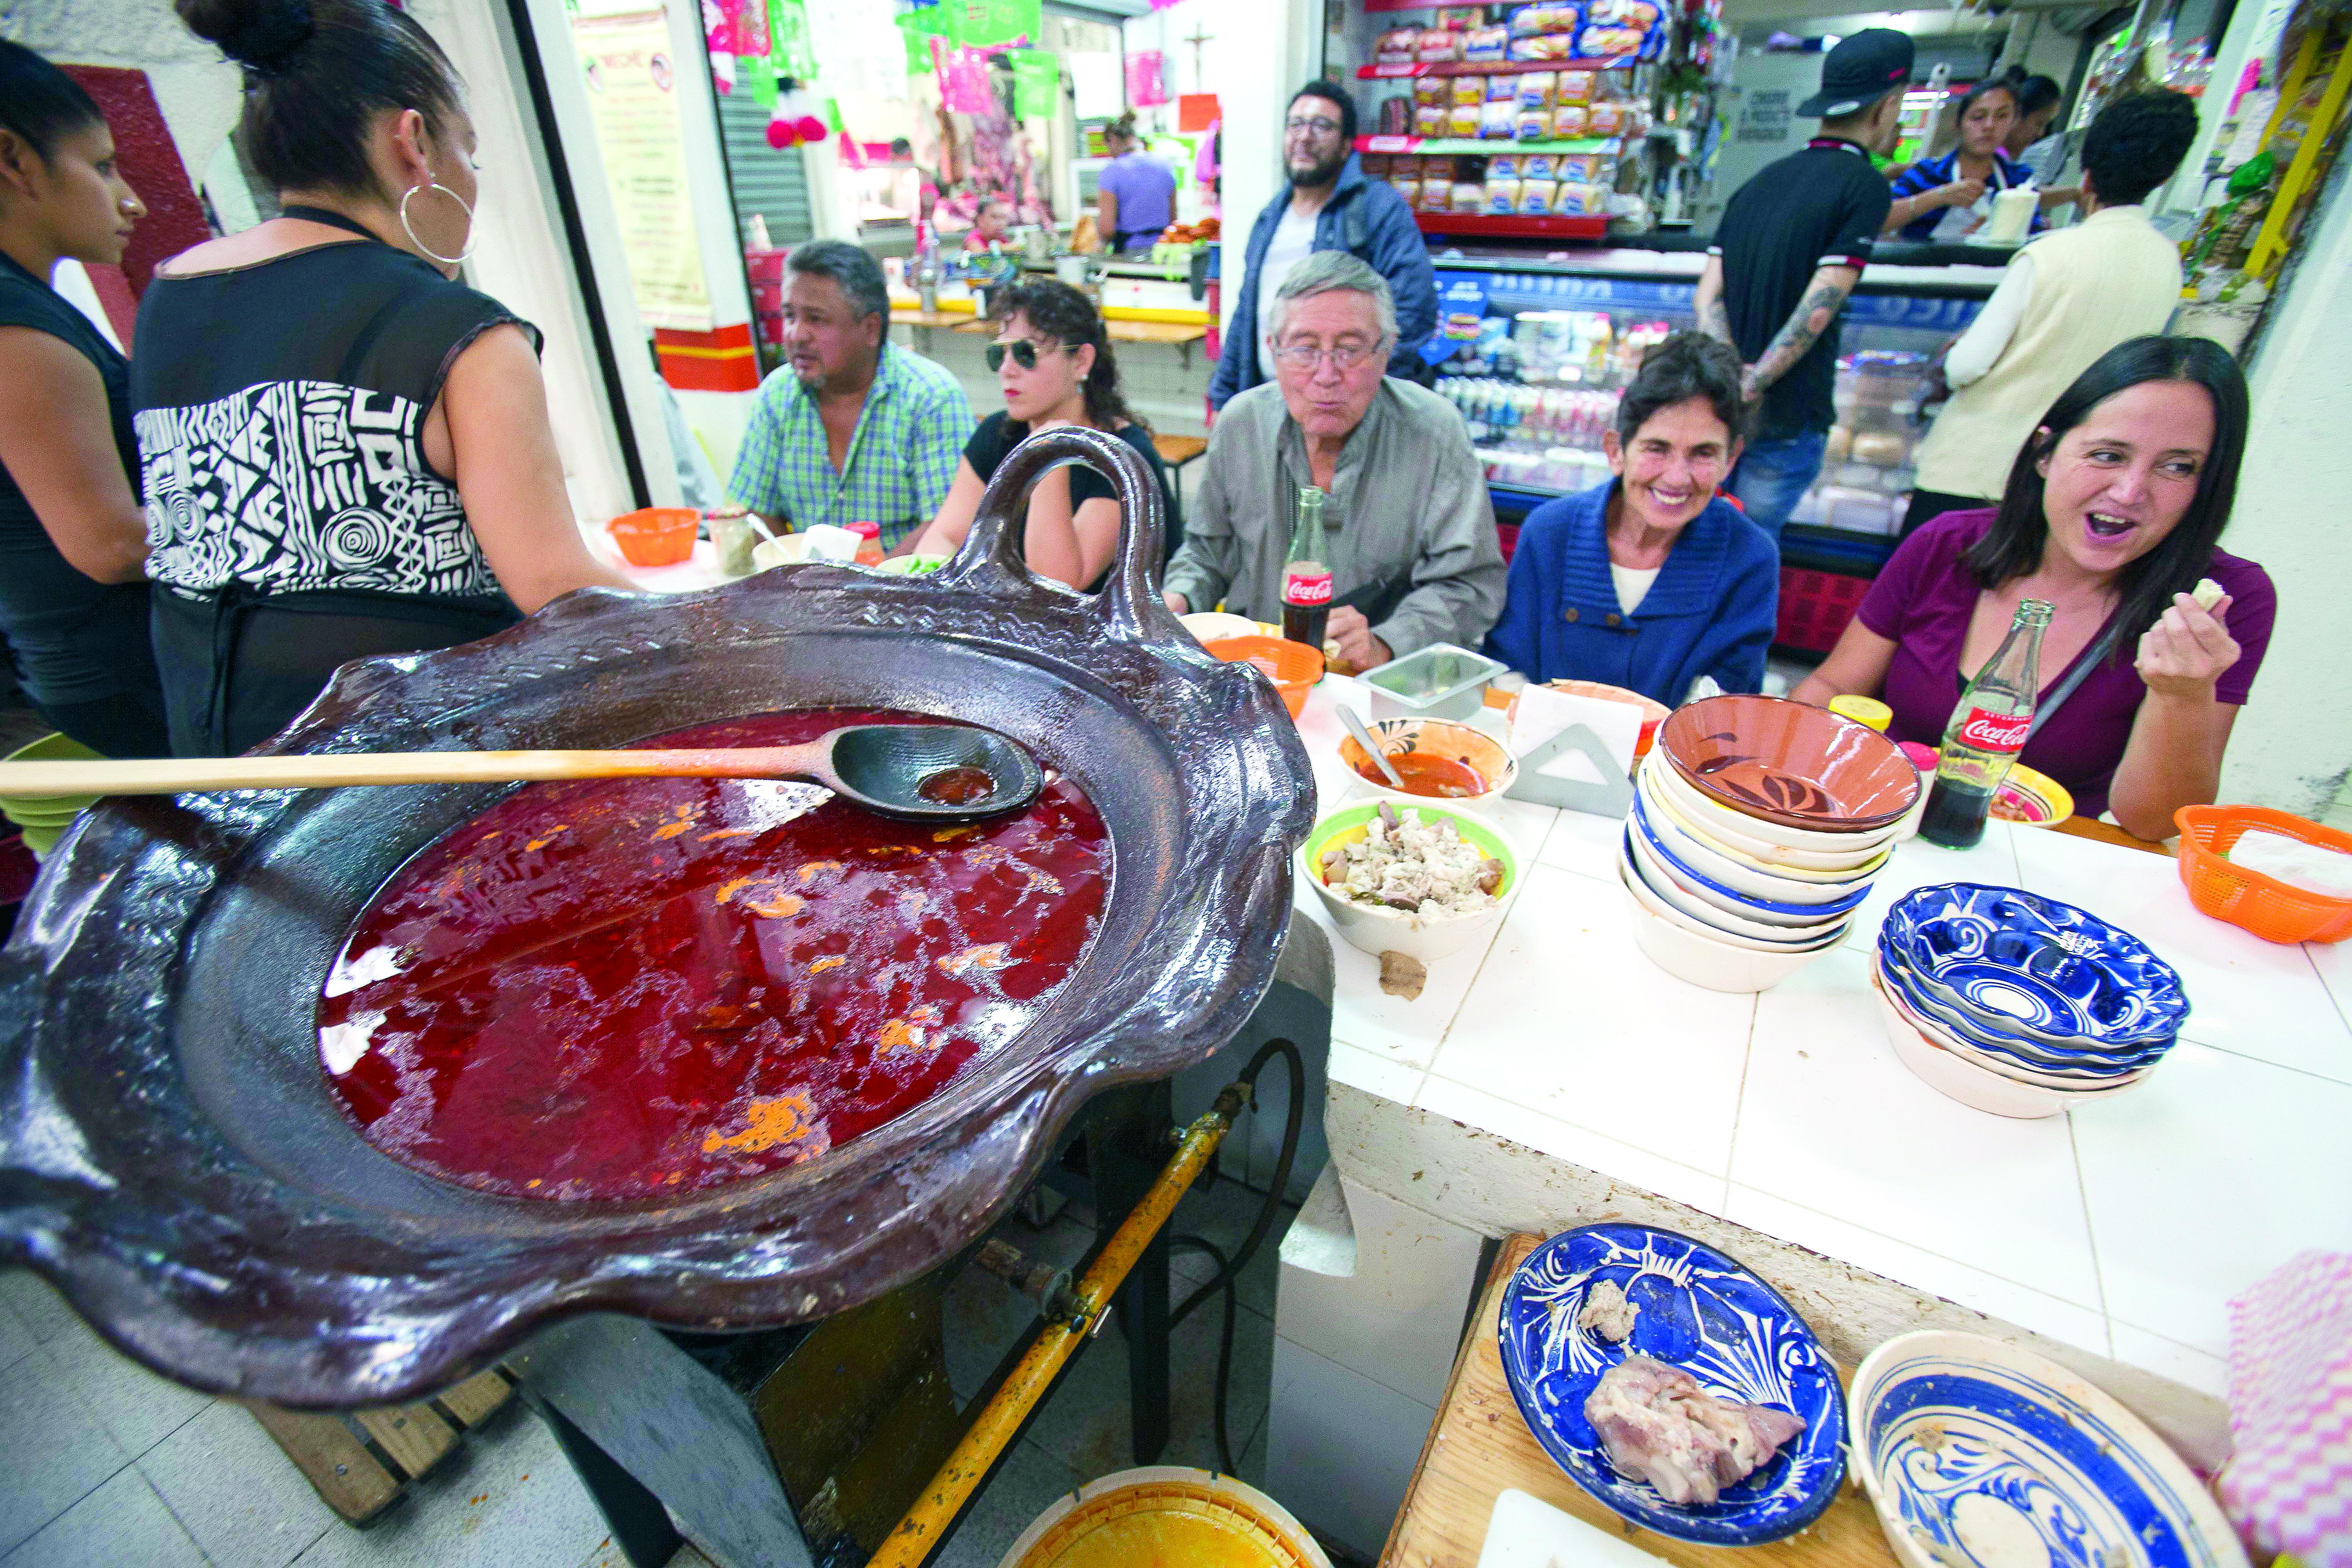 Foto: Demián Chávez, El Gráfico